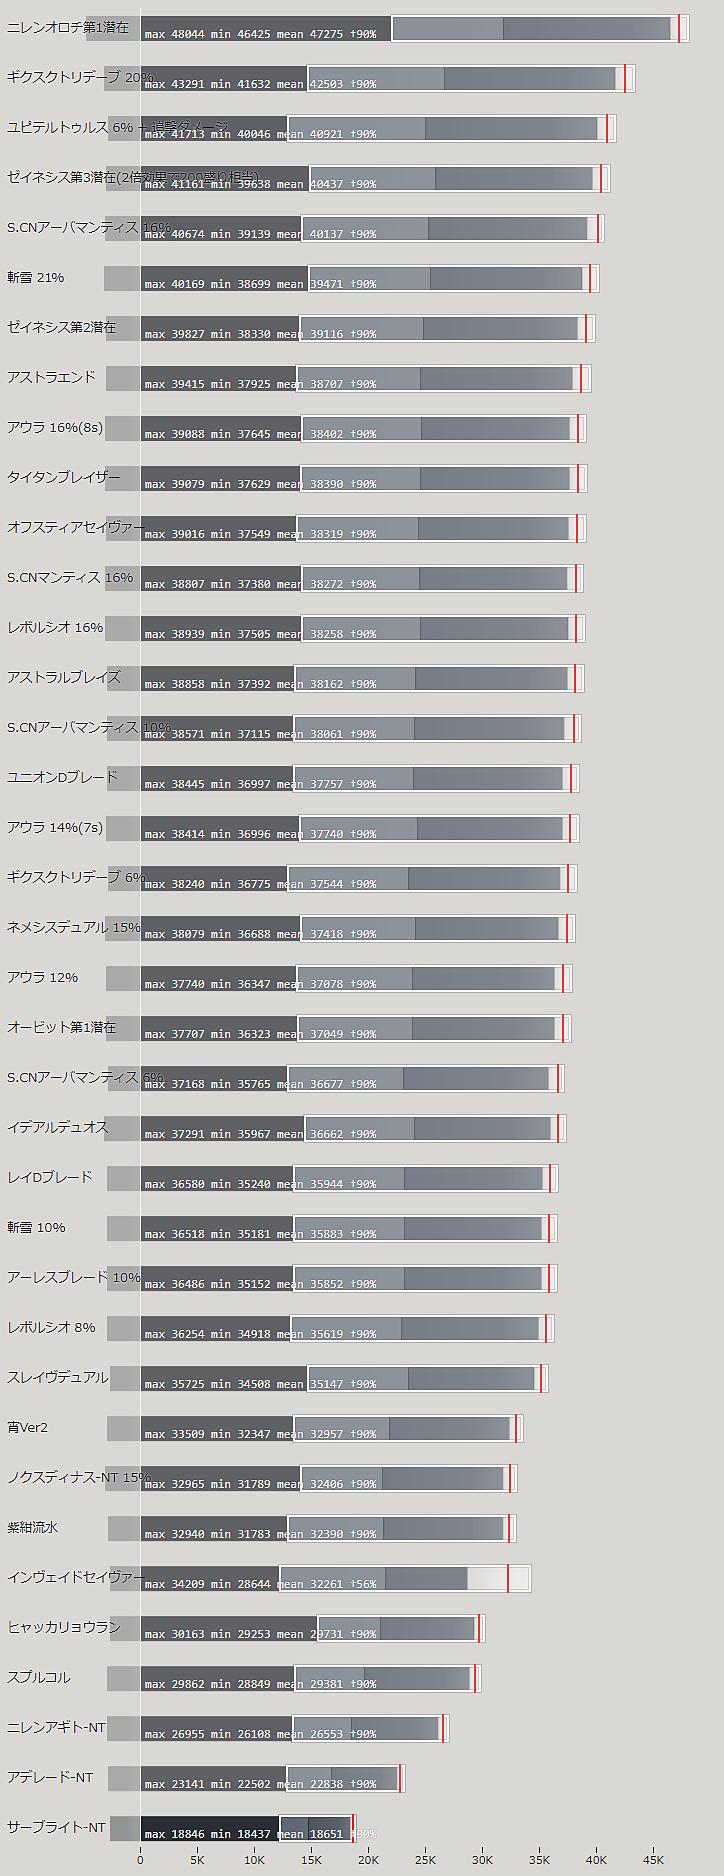 デュアルブレードの火力比較ランキング表